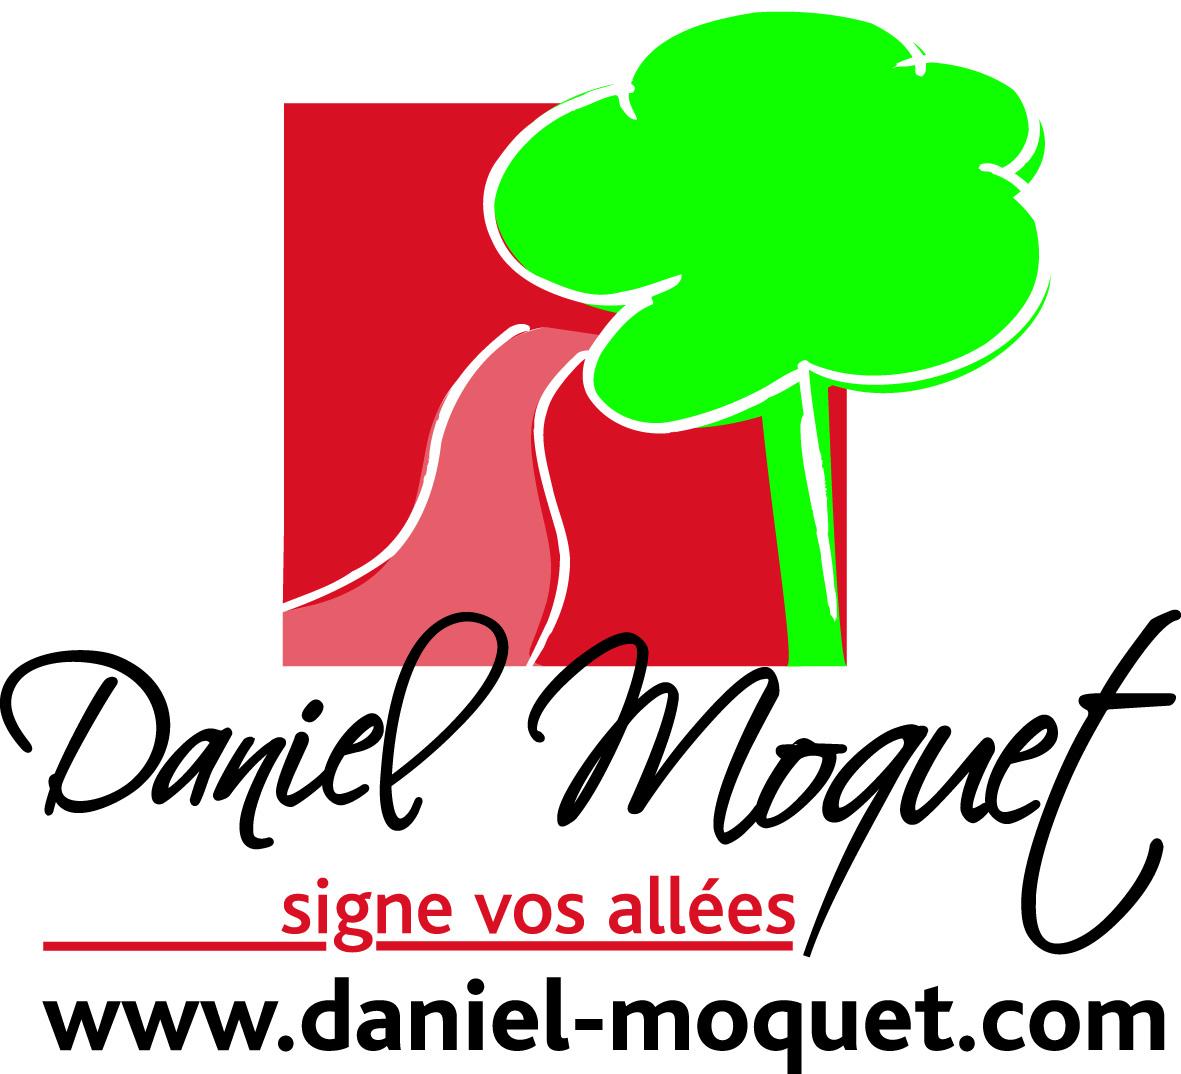 Daniel Moquet signe vos allées - Ent. Lemoine Laval